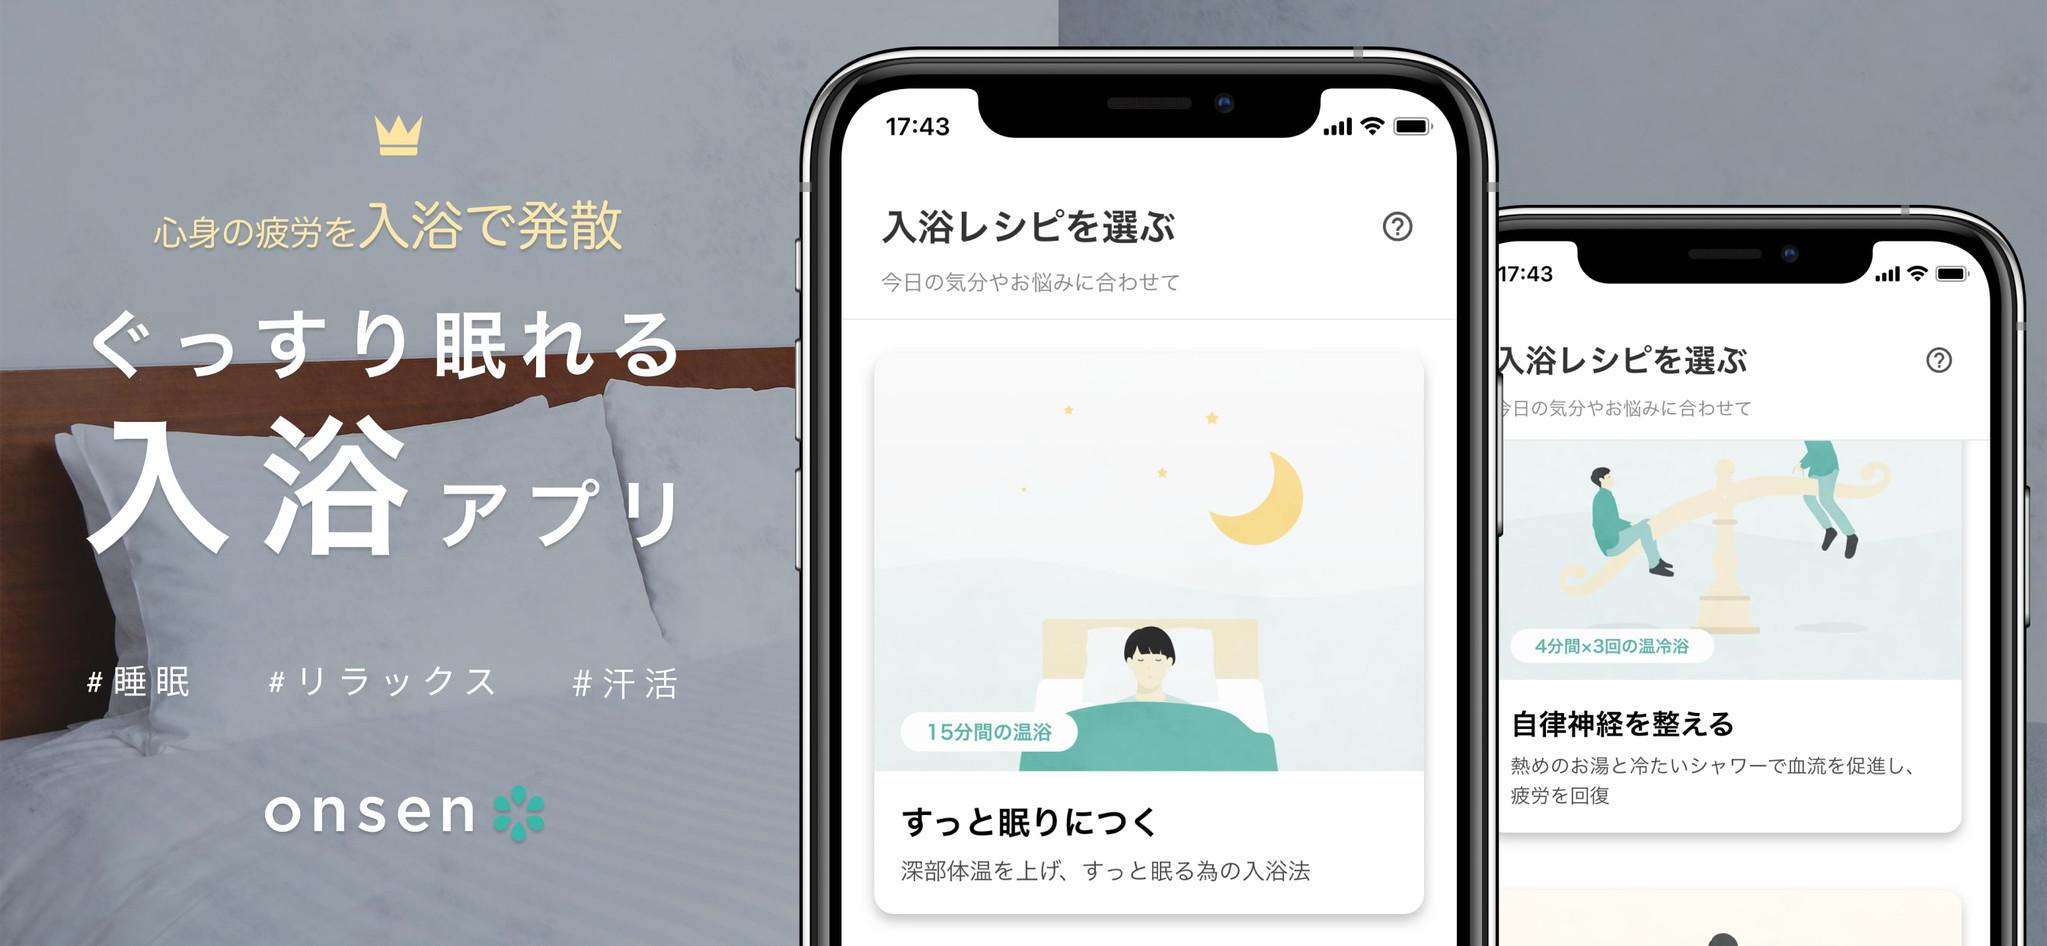 睡眠や身体のお悩みを解決する、入浴専用の無料アプリ「Onsen*(オンセン)」のiOS版を正式リリース